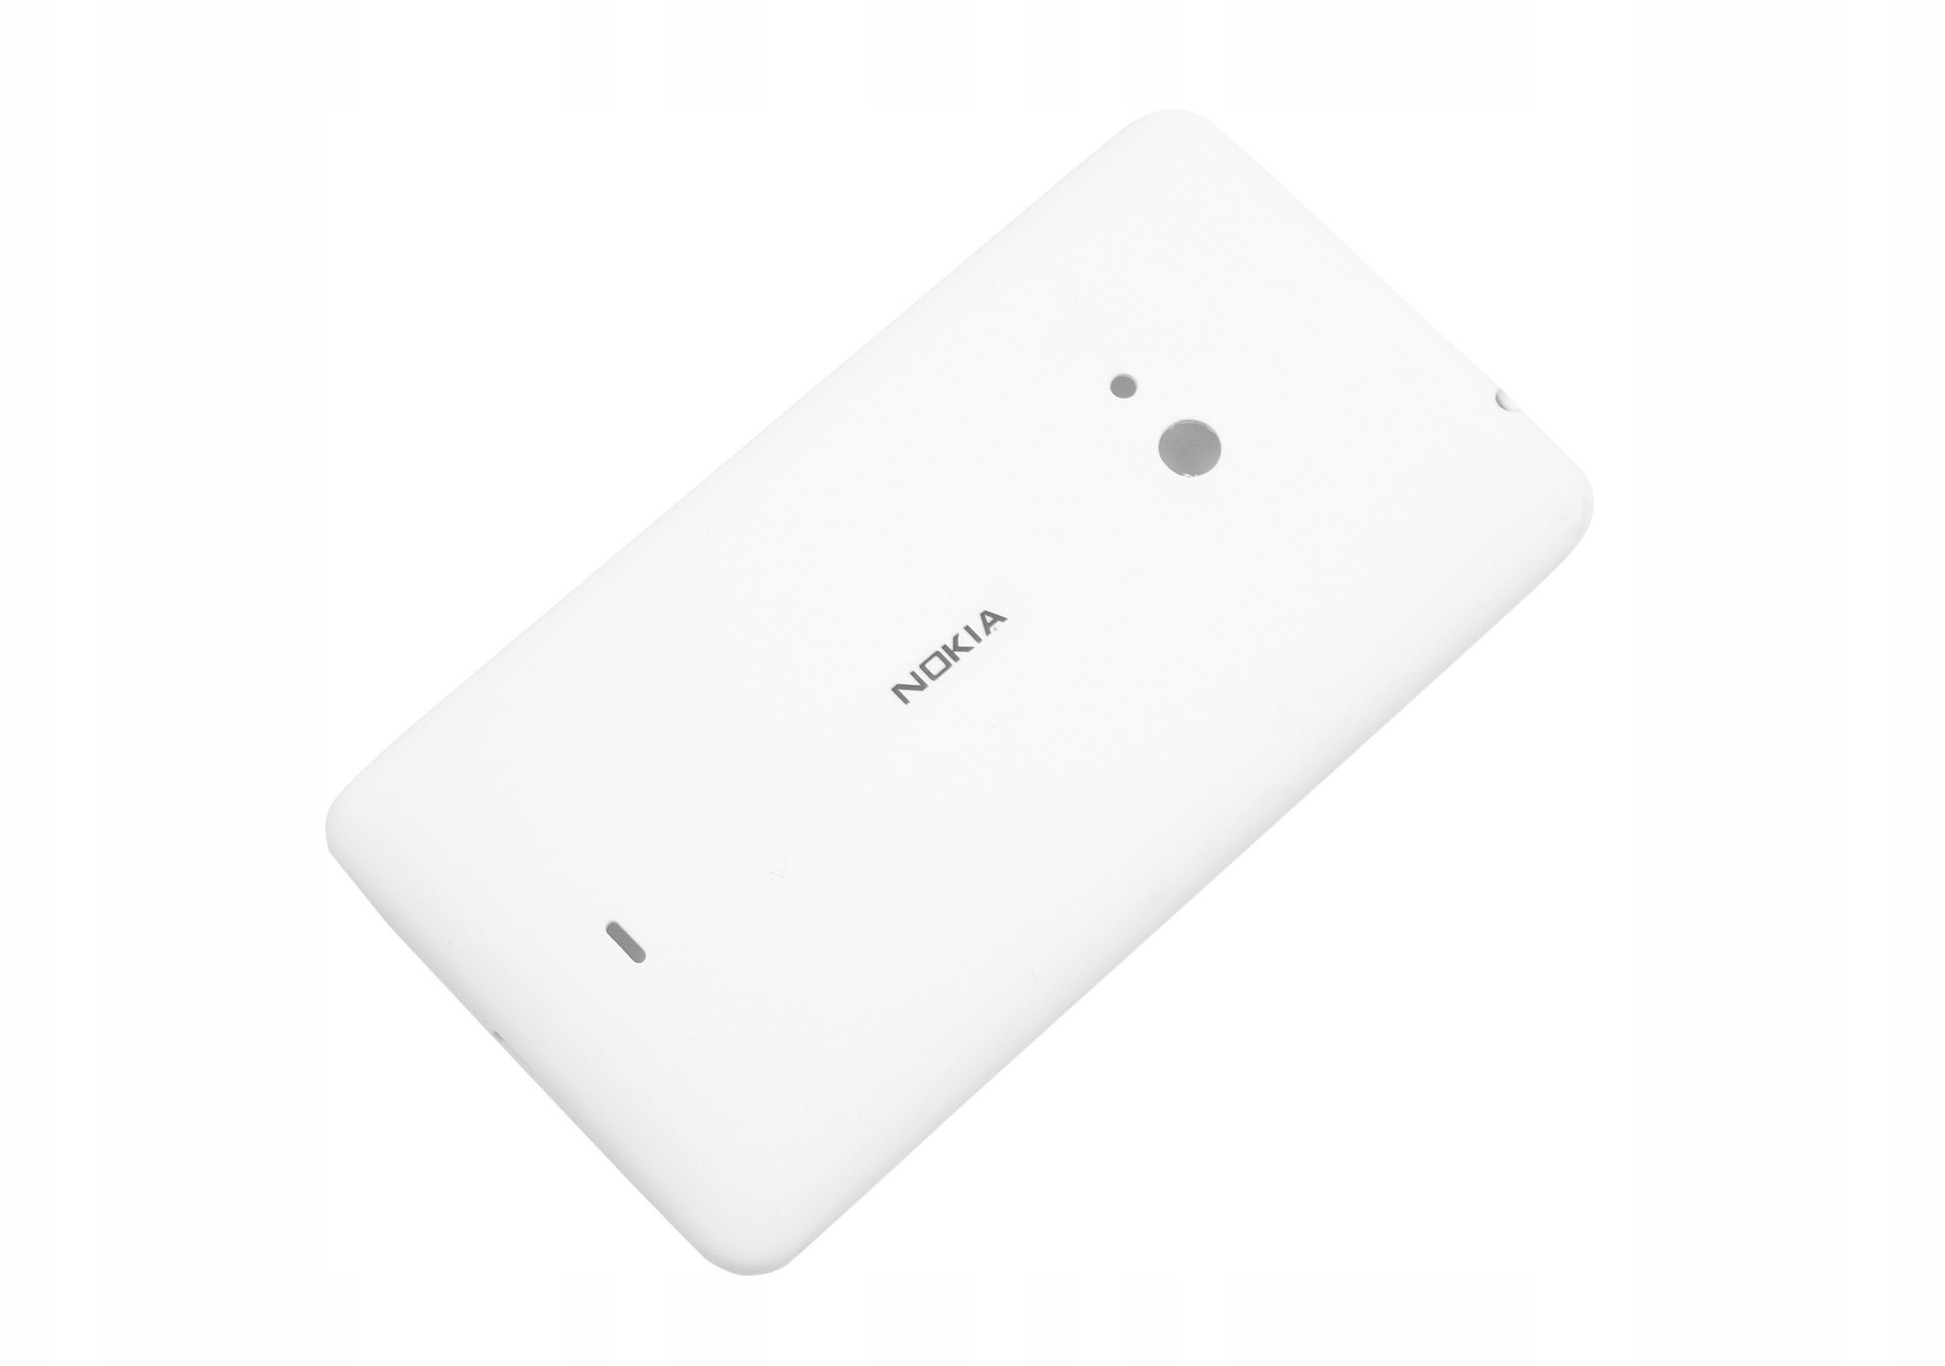 Nokia Klapka Baterii Lumia 625 Obudowa Tył Biała